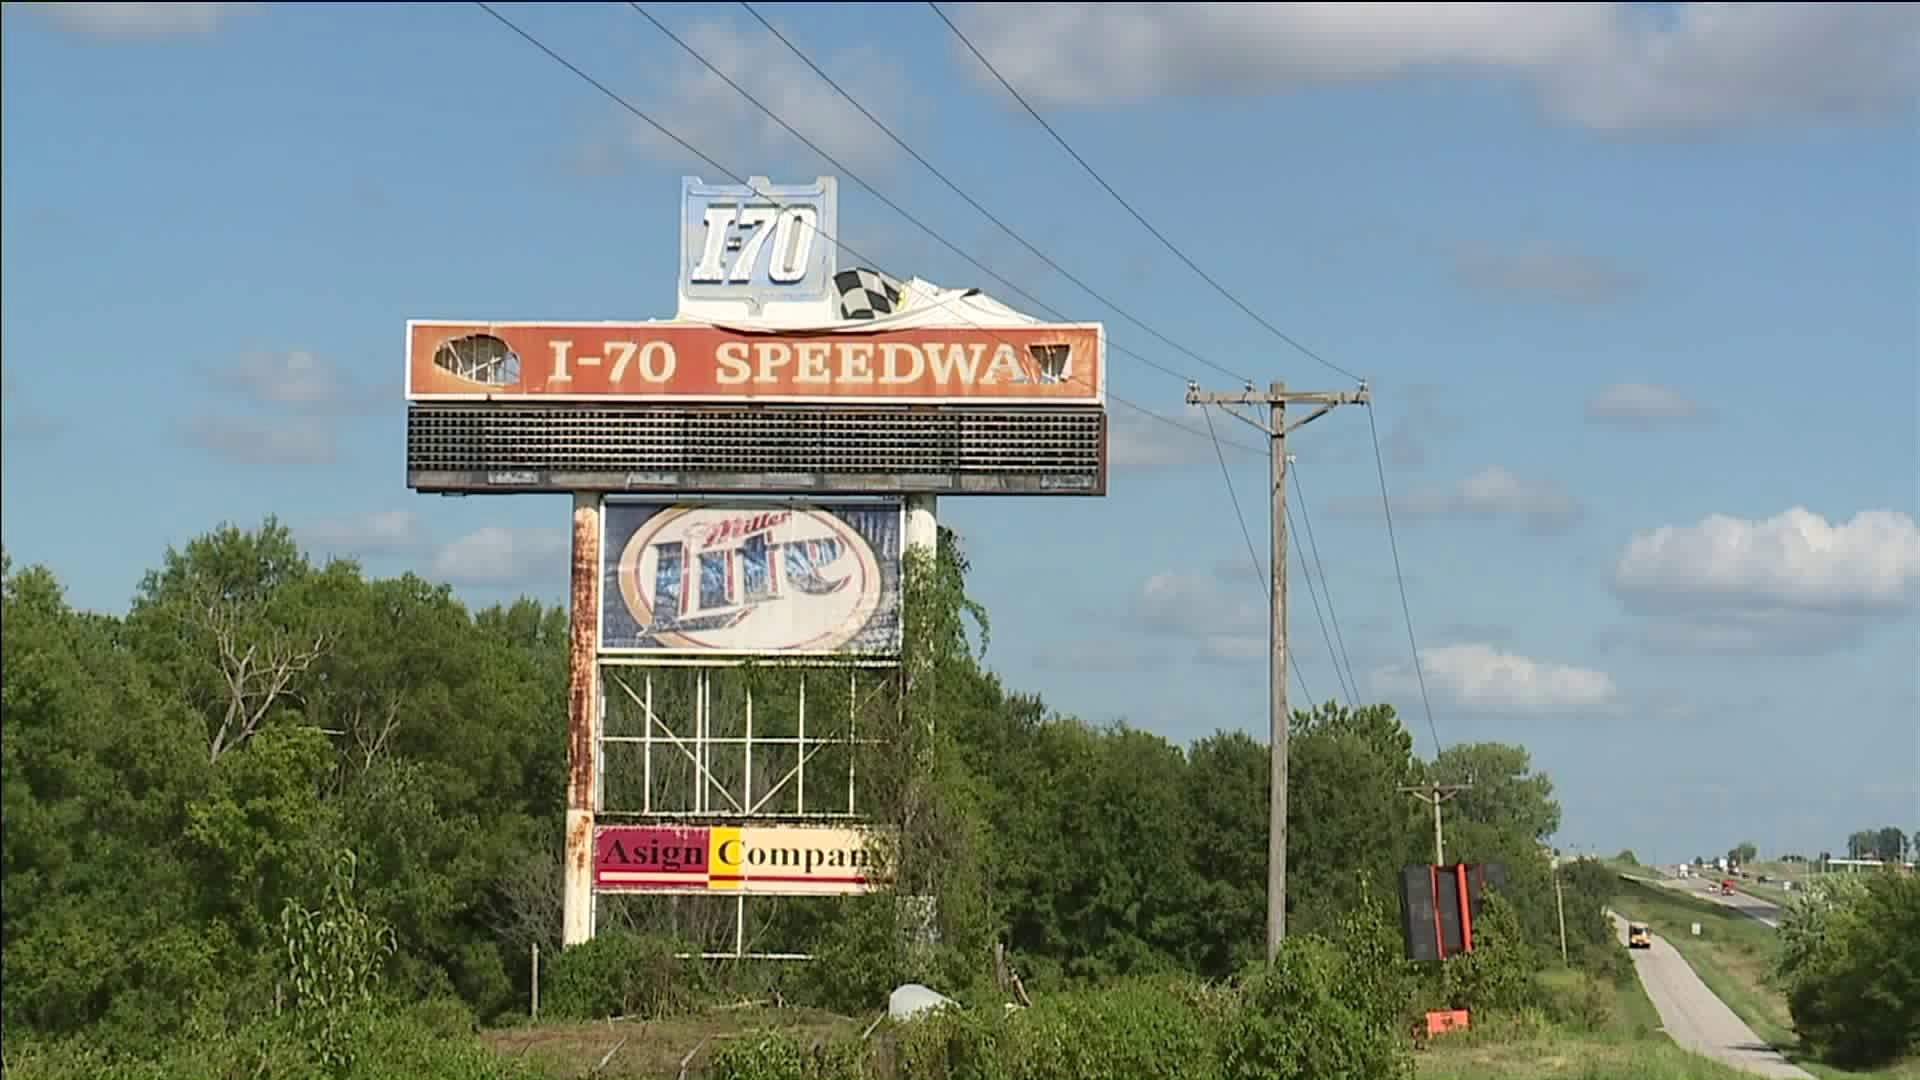 I-70 speedway